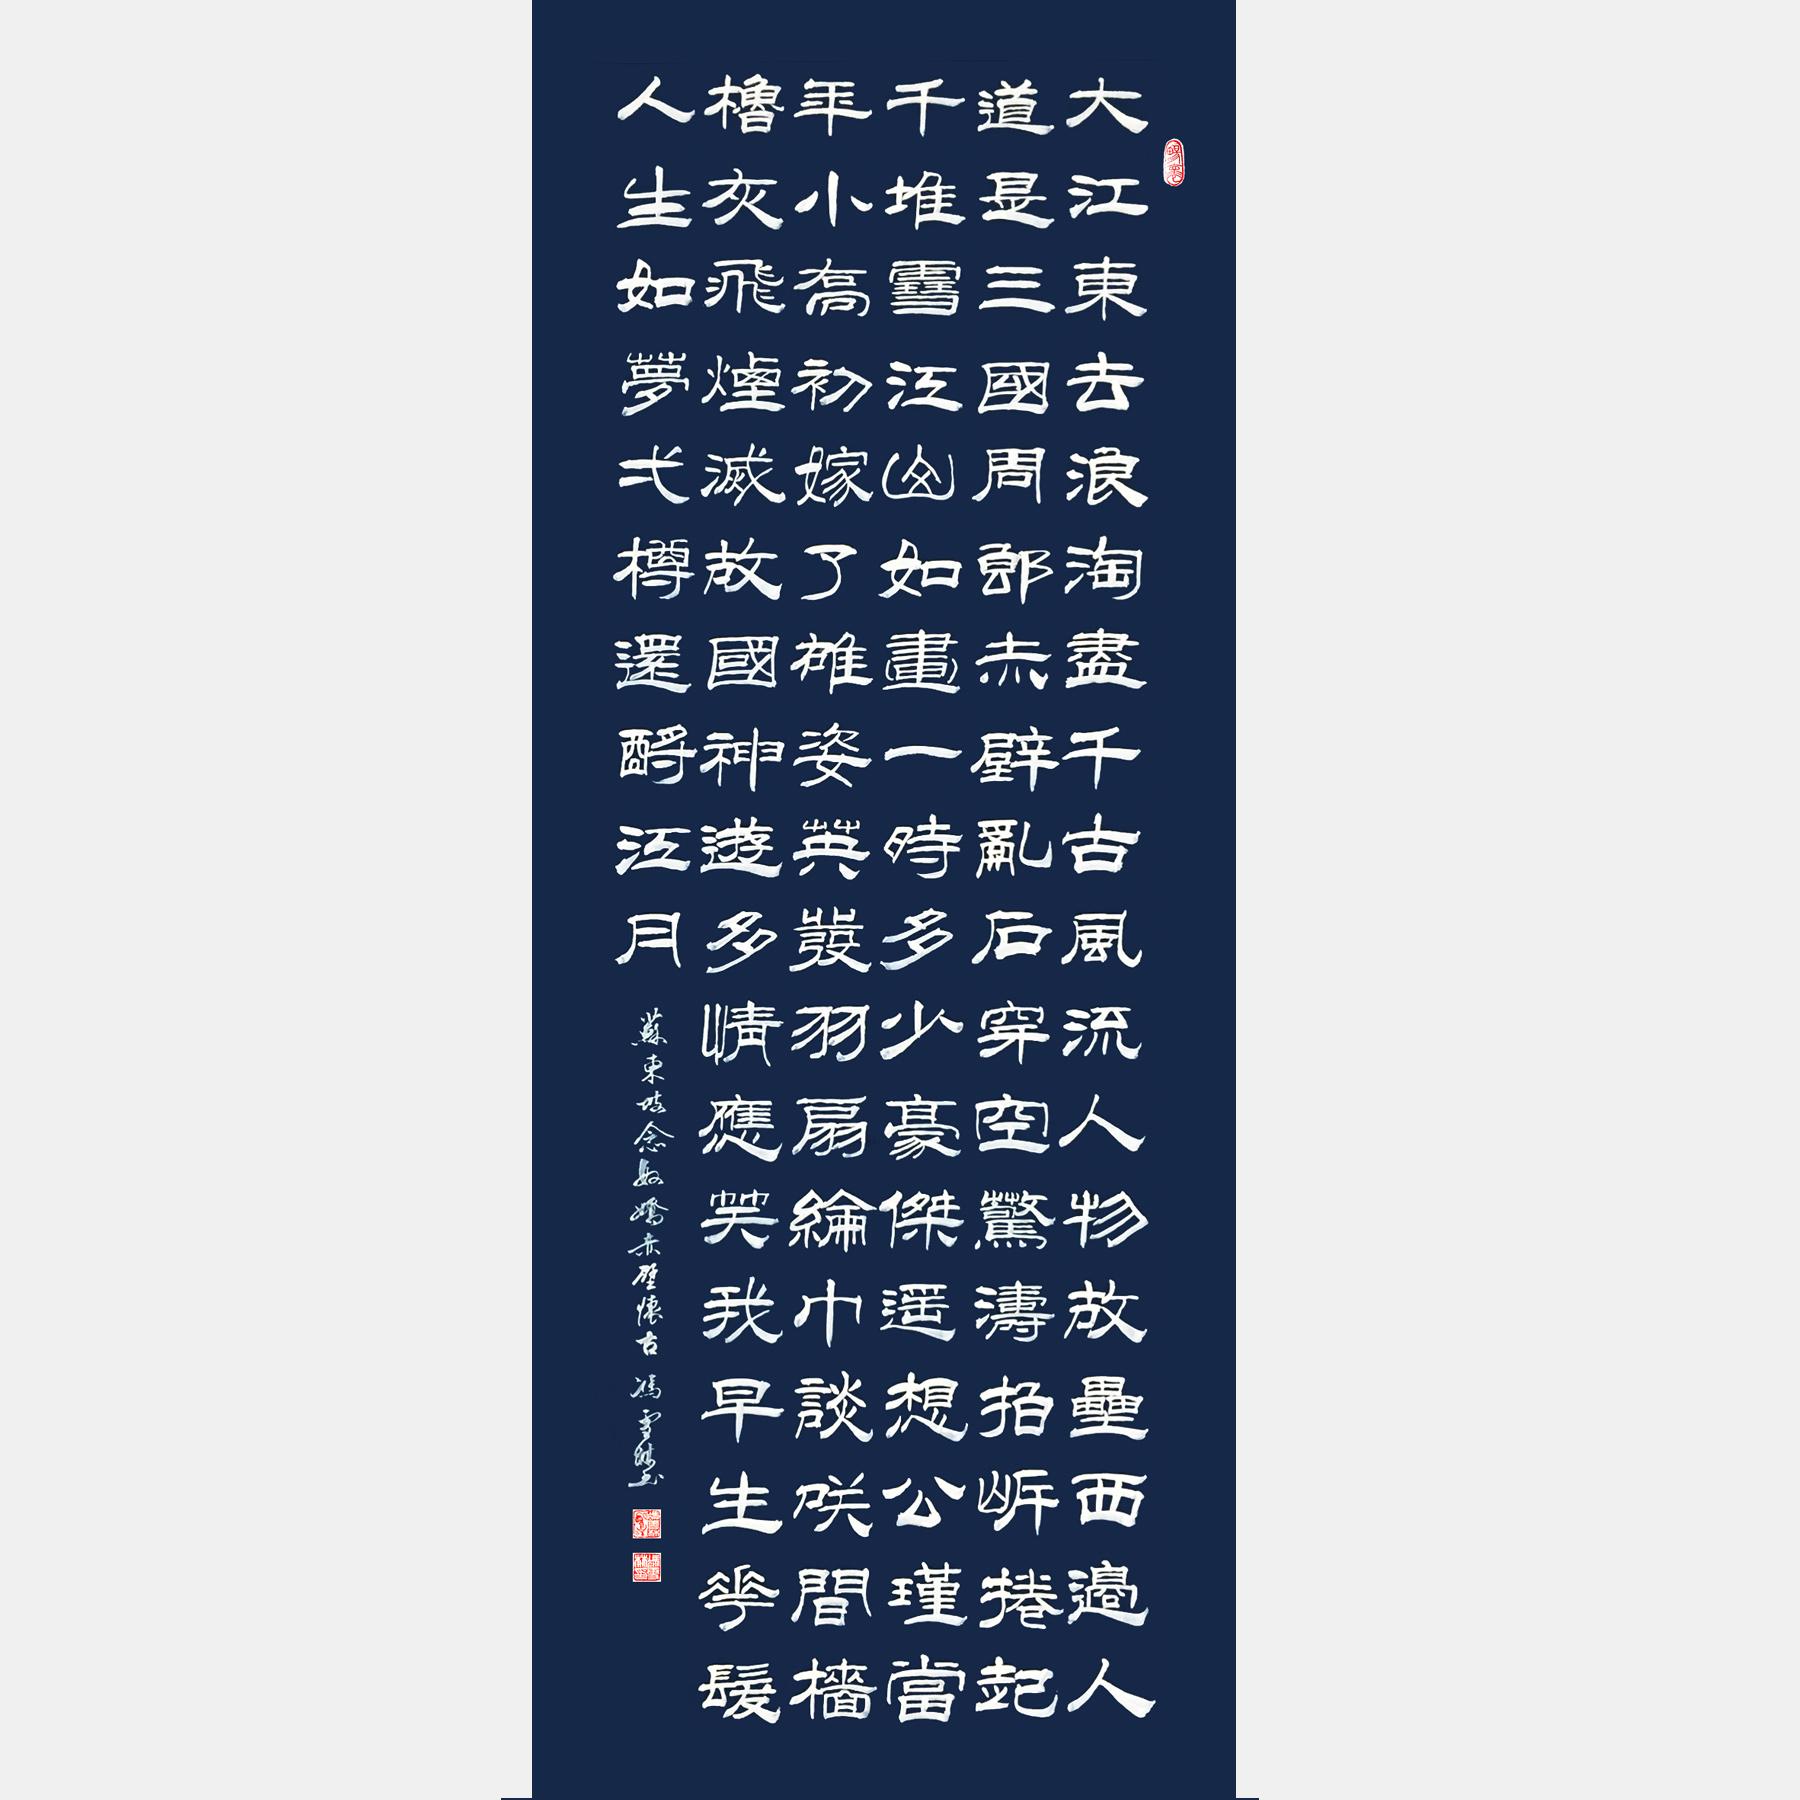 宋・苏轼《念奴娇・赤壁怀古》隶书书法作品 大江东去书法作品欣赏 万年蓝